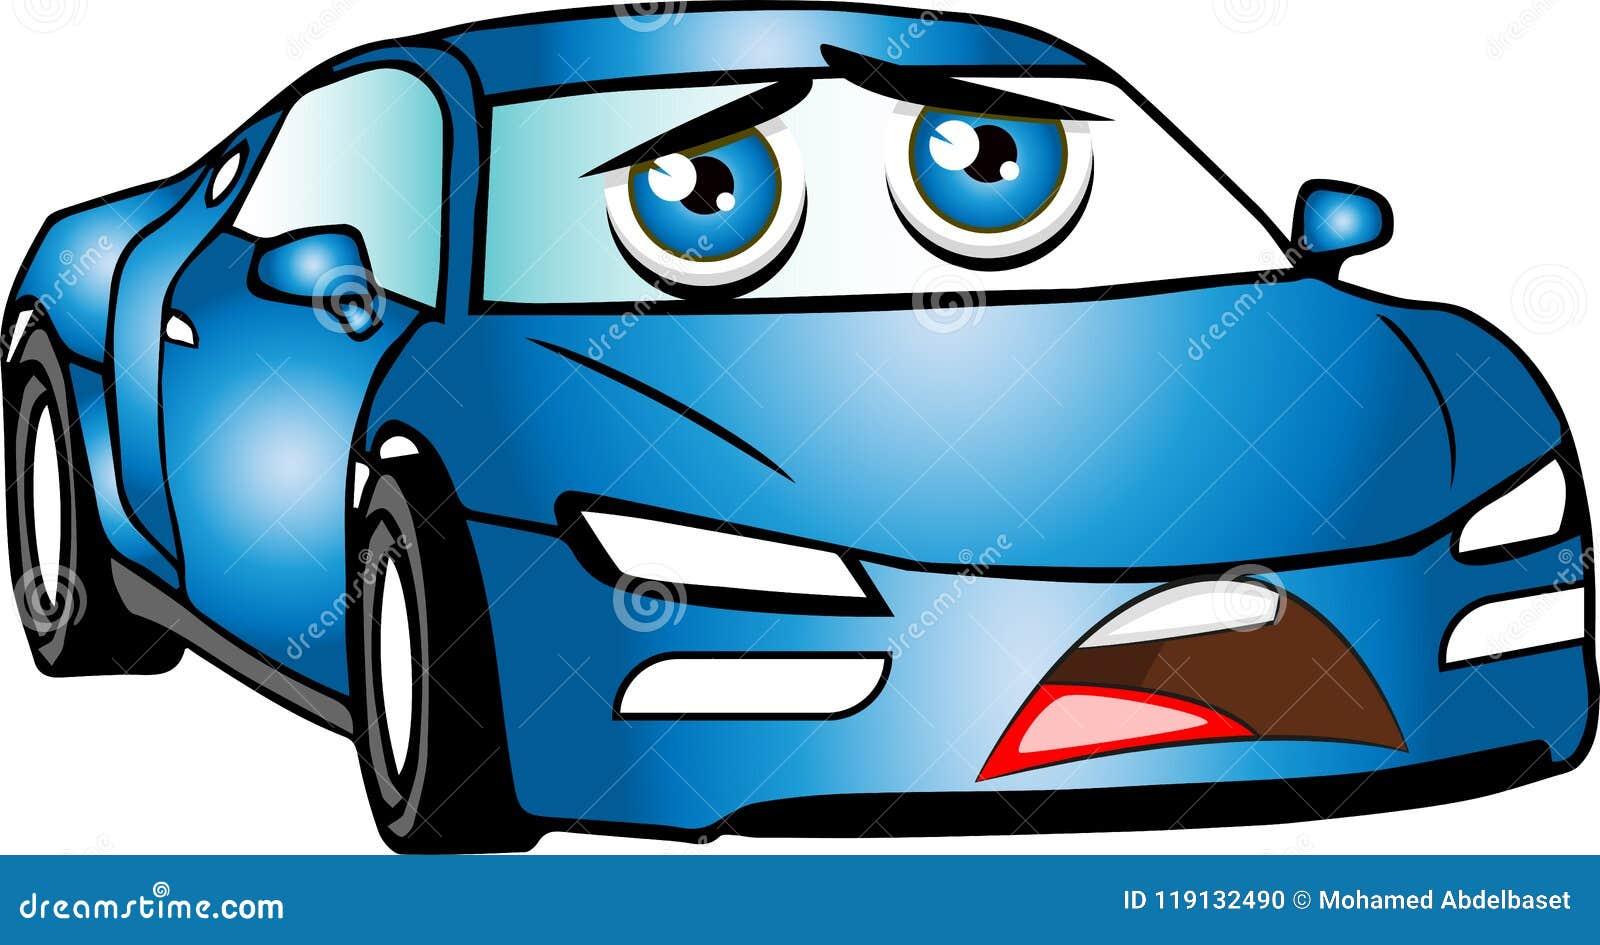 azul engraçado carro colorido dos desenhos animados ilustração stock